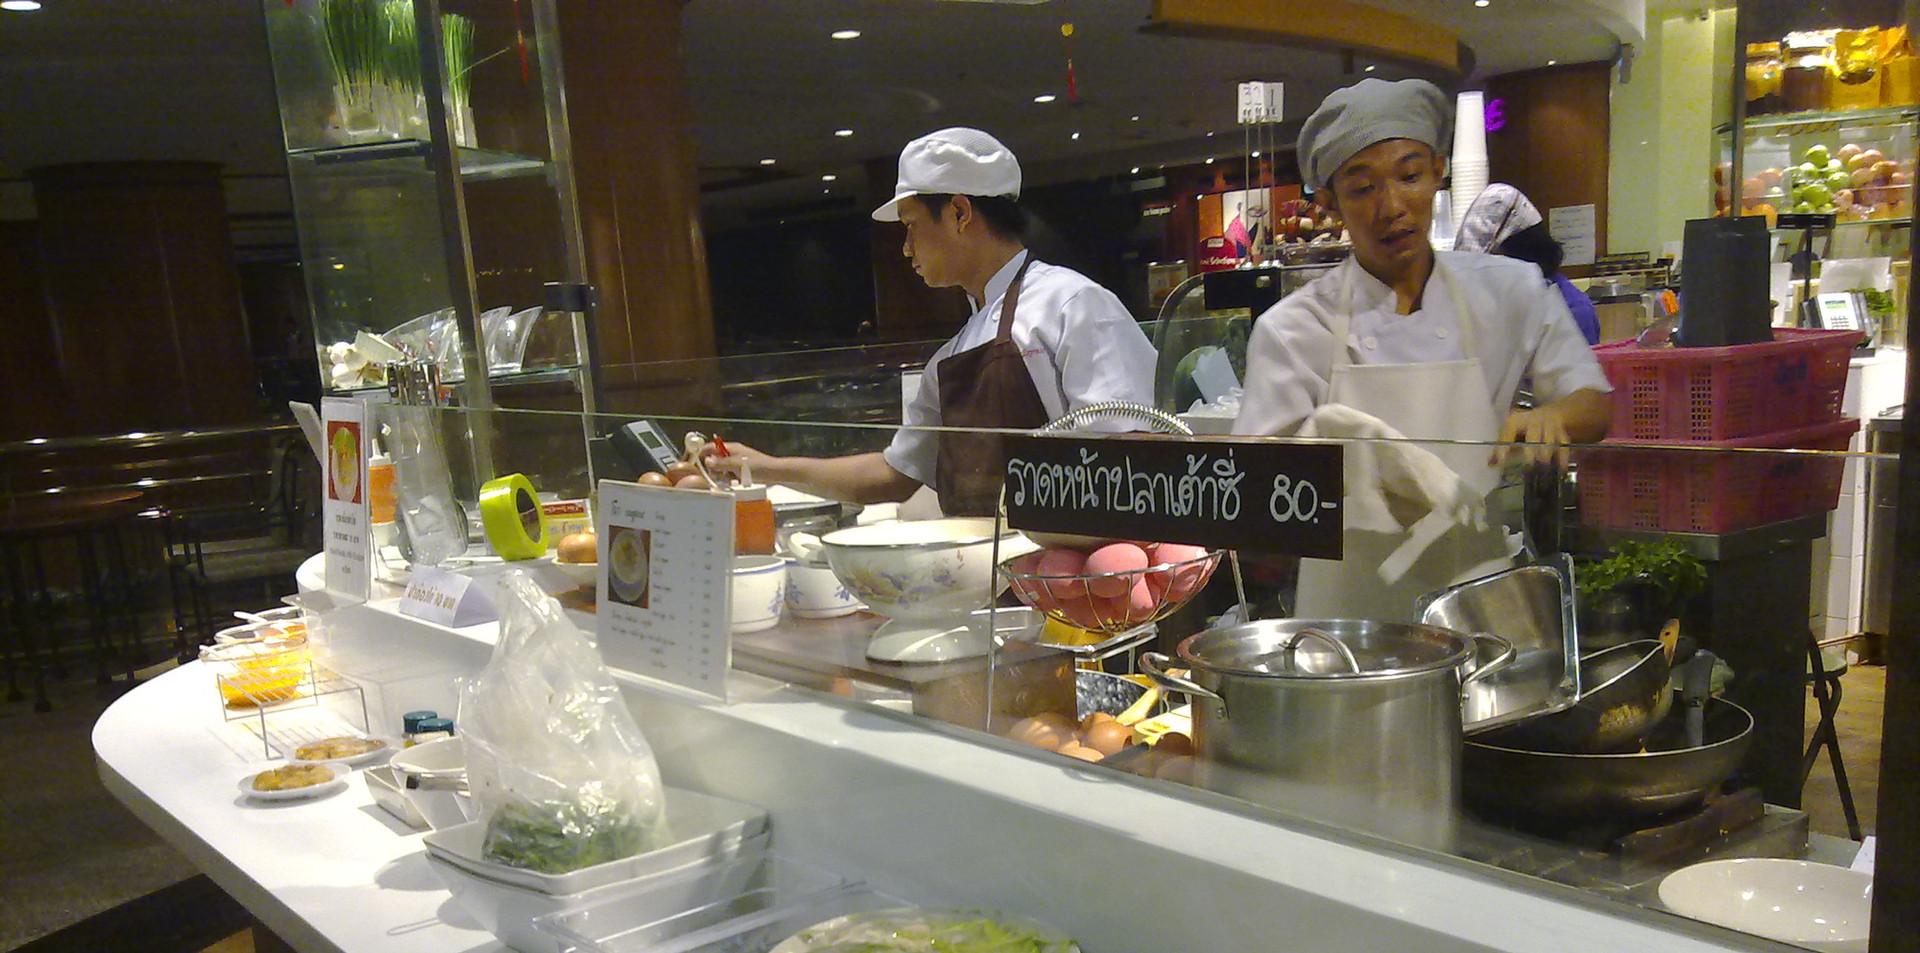 Bumrungrad Hospital - Food Experience.jp